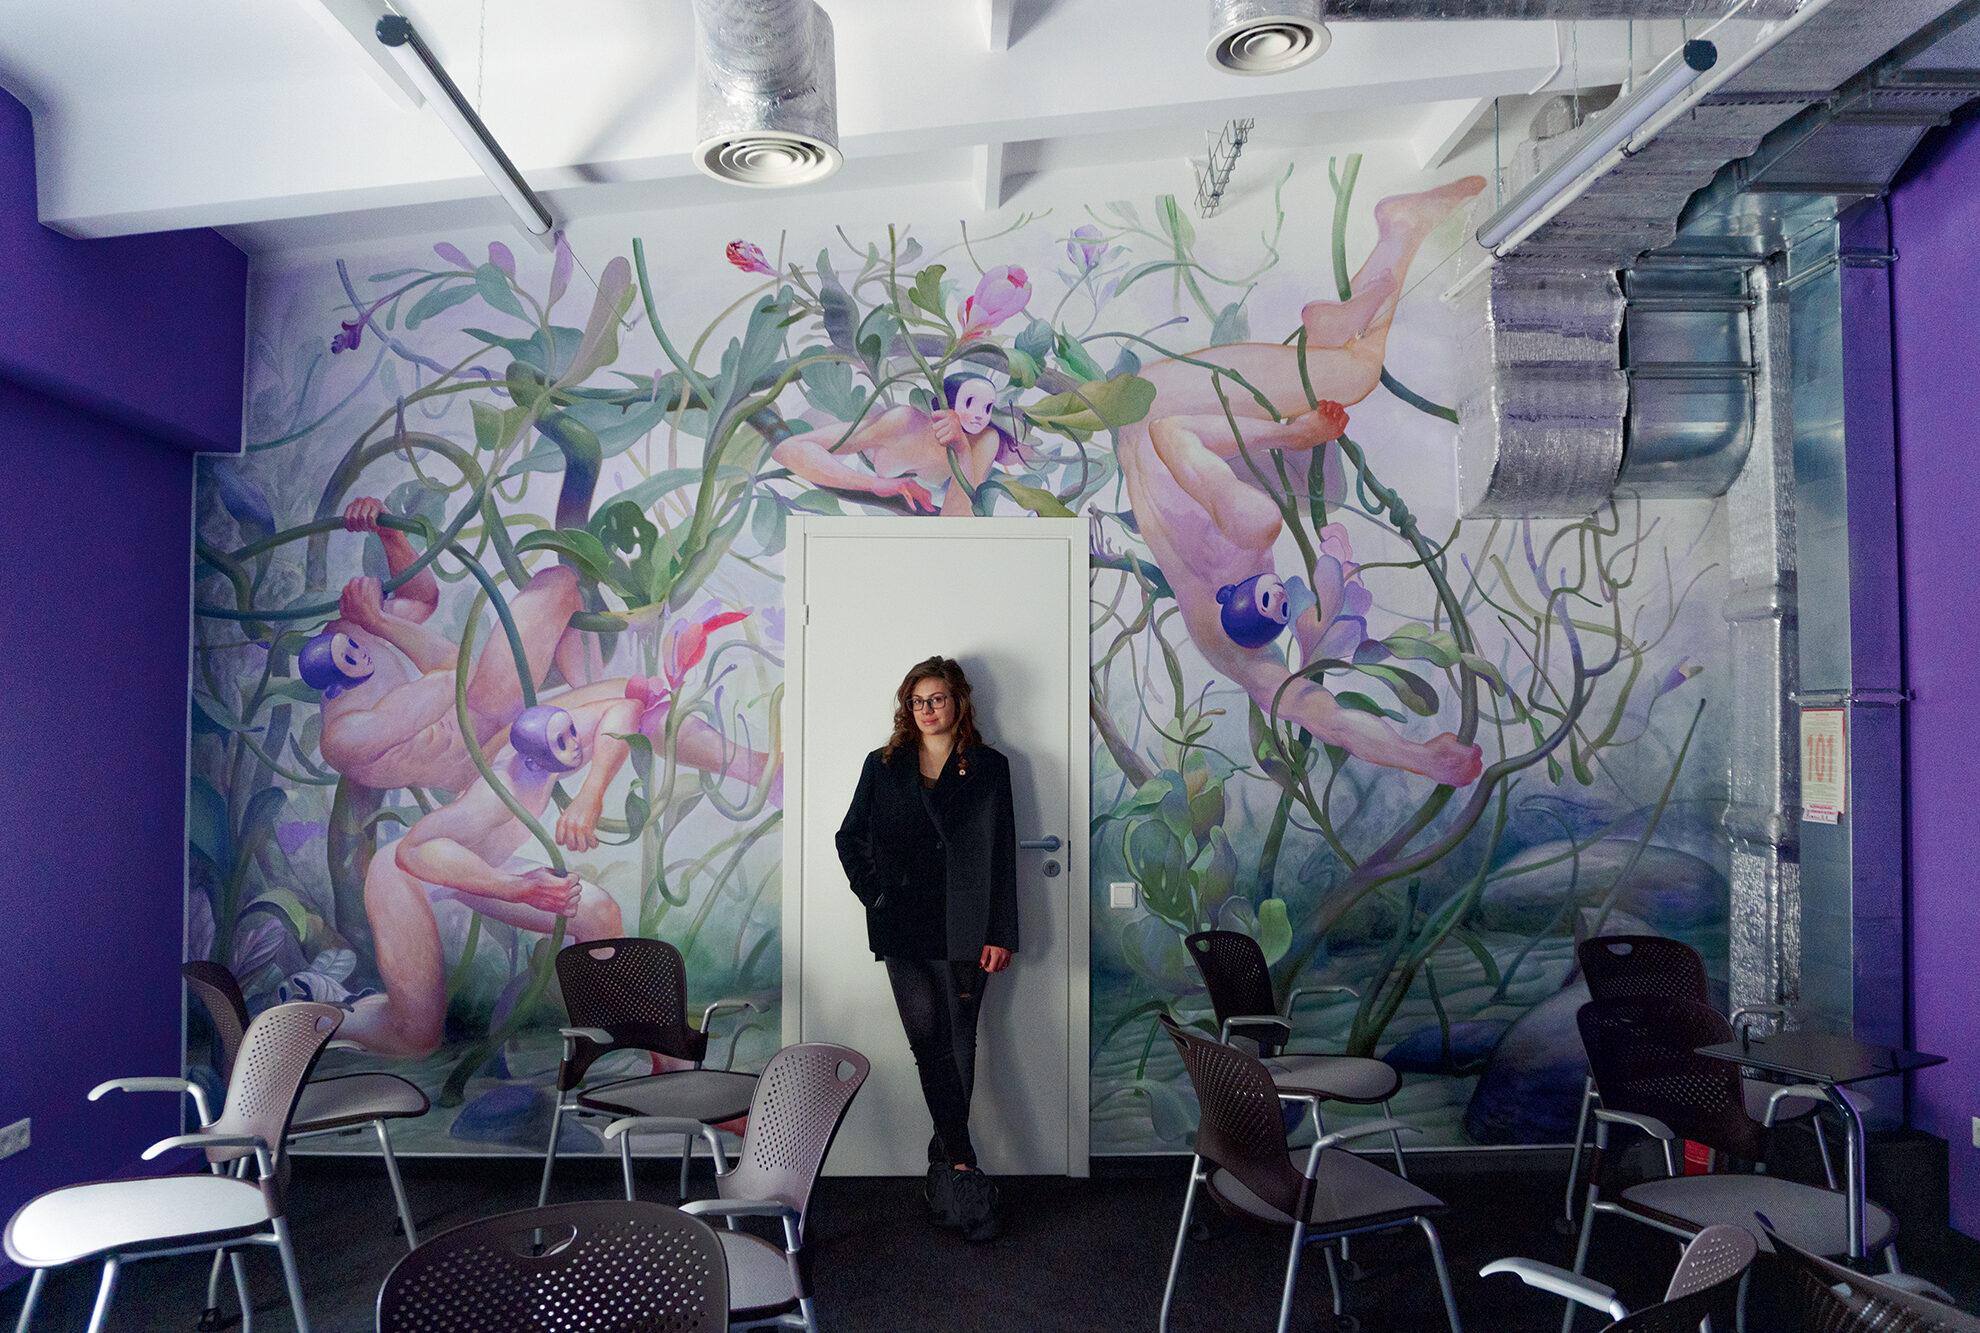 «Мистецтво в SupportYourApp переросло з хобі в світосприйняття» — Дар'я Лещенко про офіси як артоб'єкти